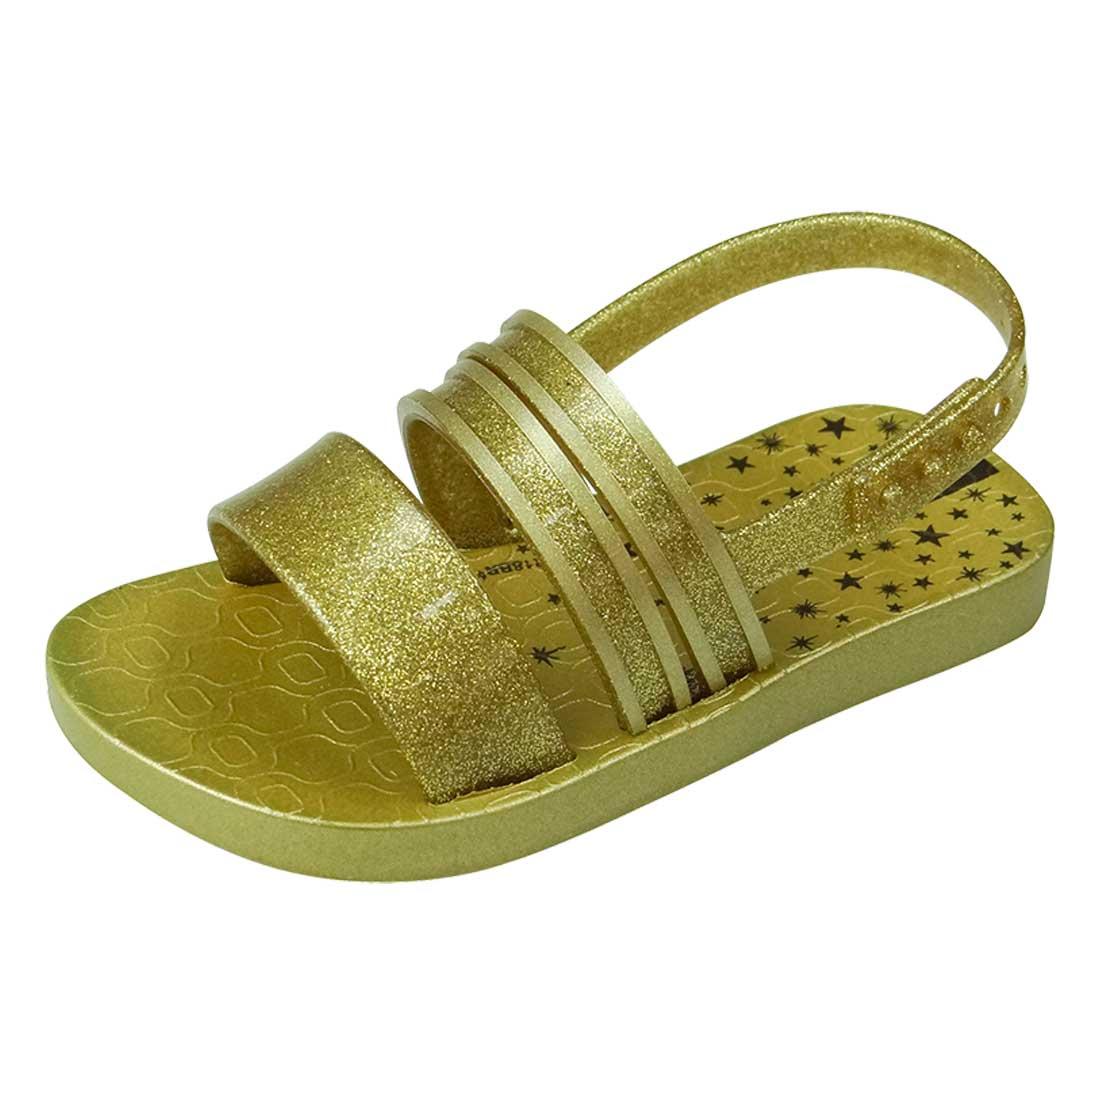 Ipanema New Glam Baby - Ouro